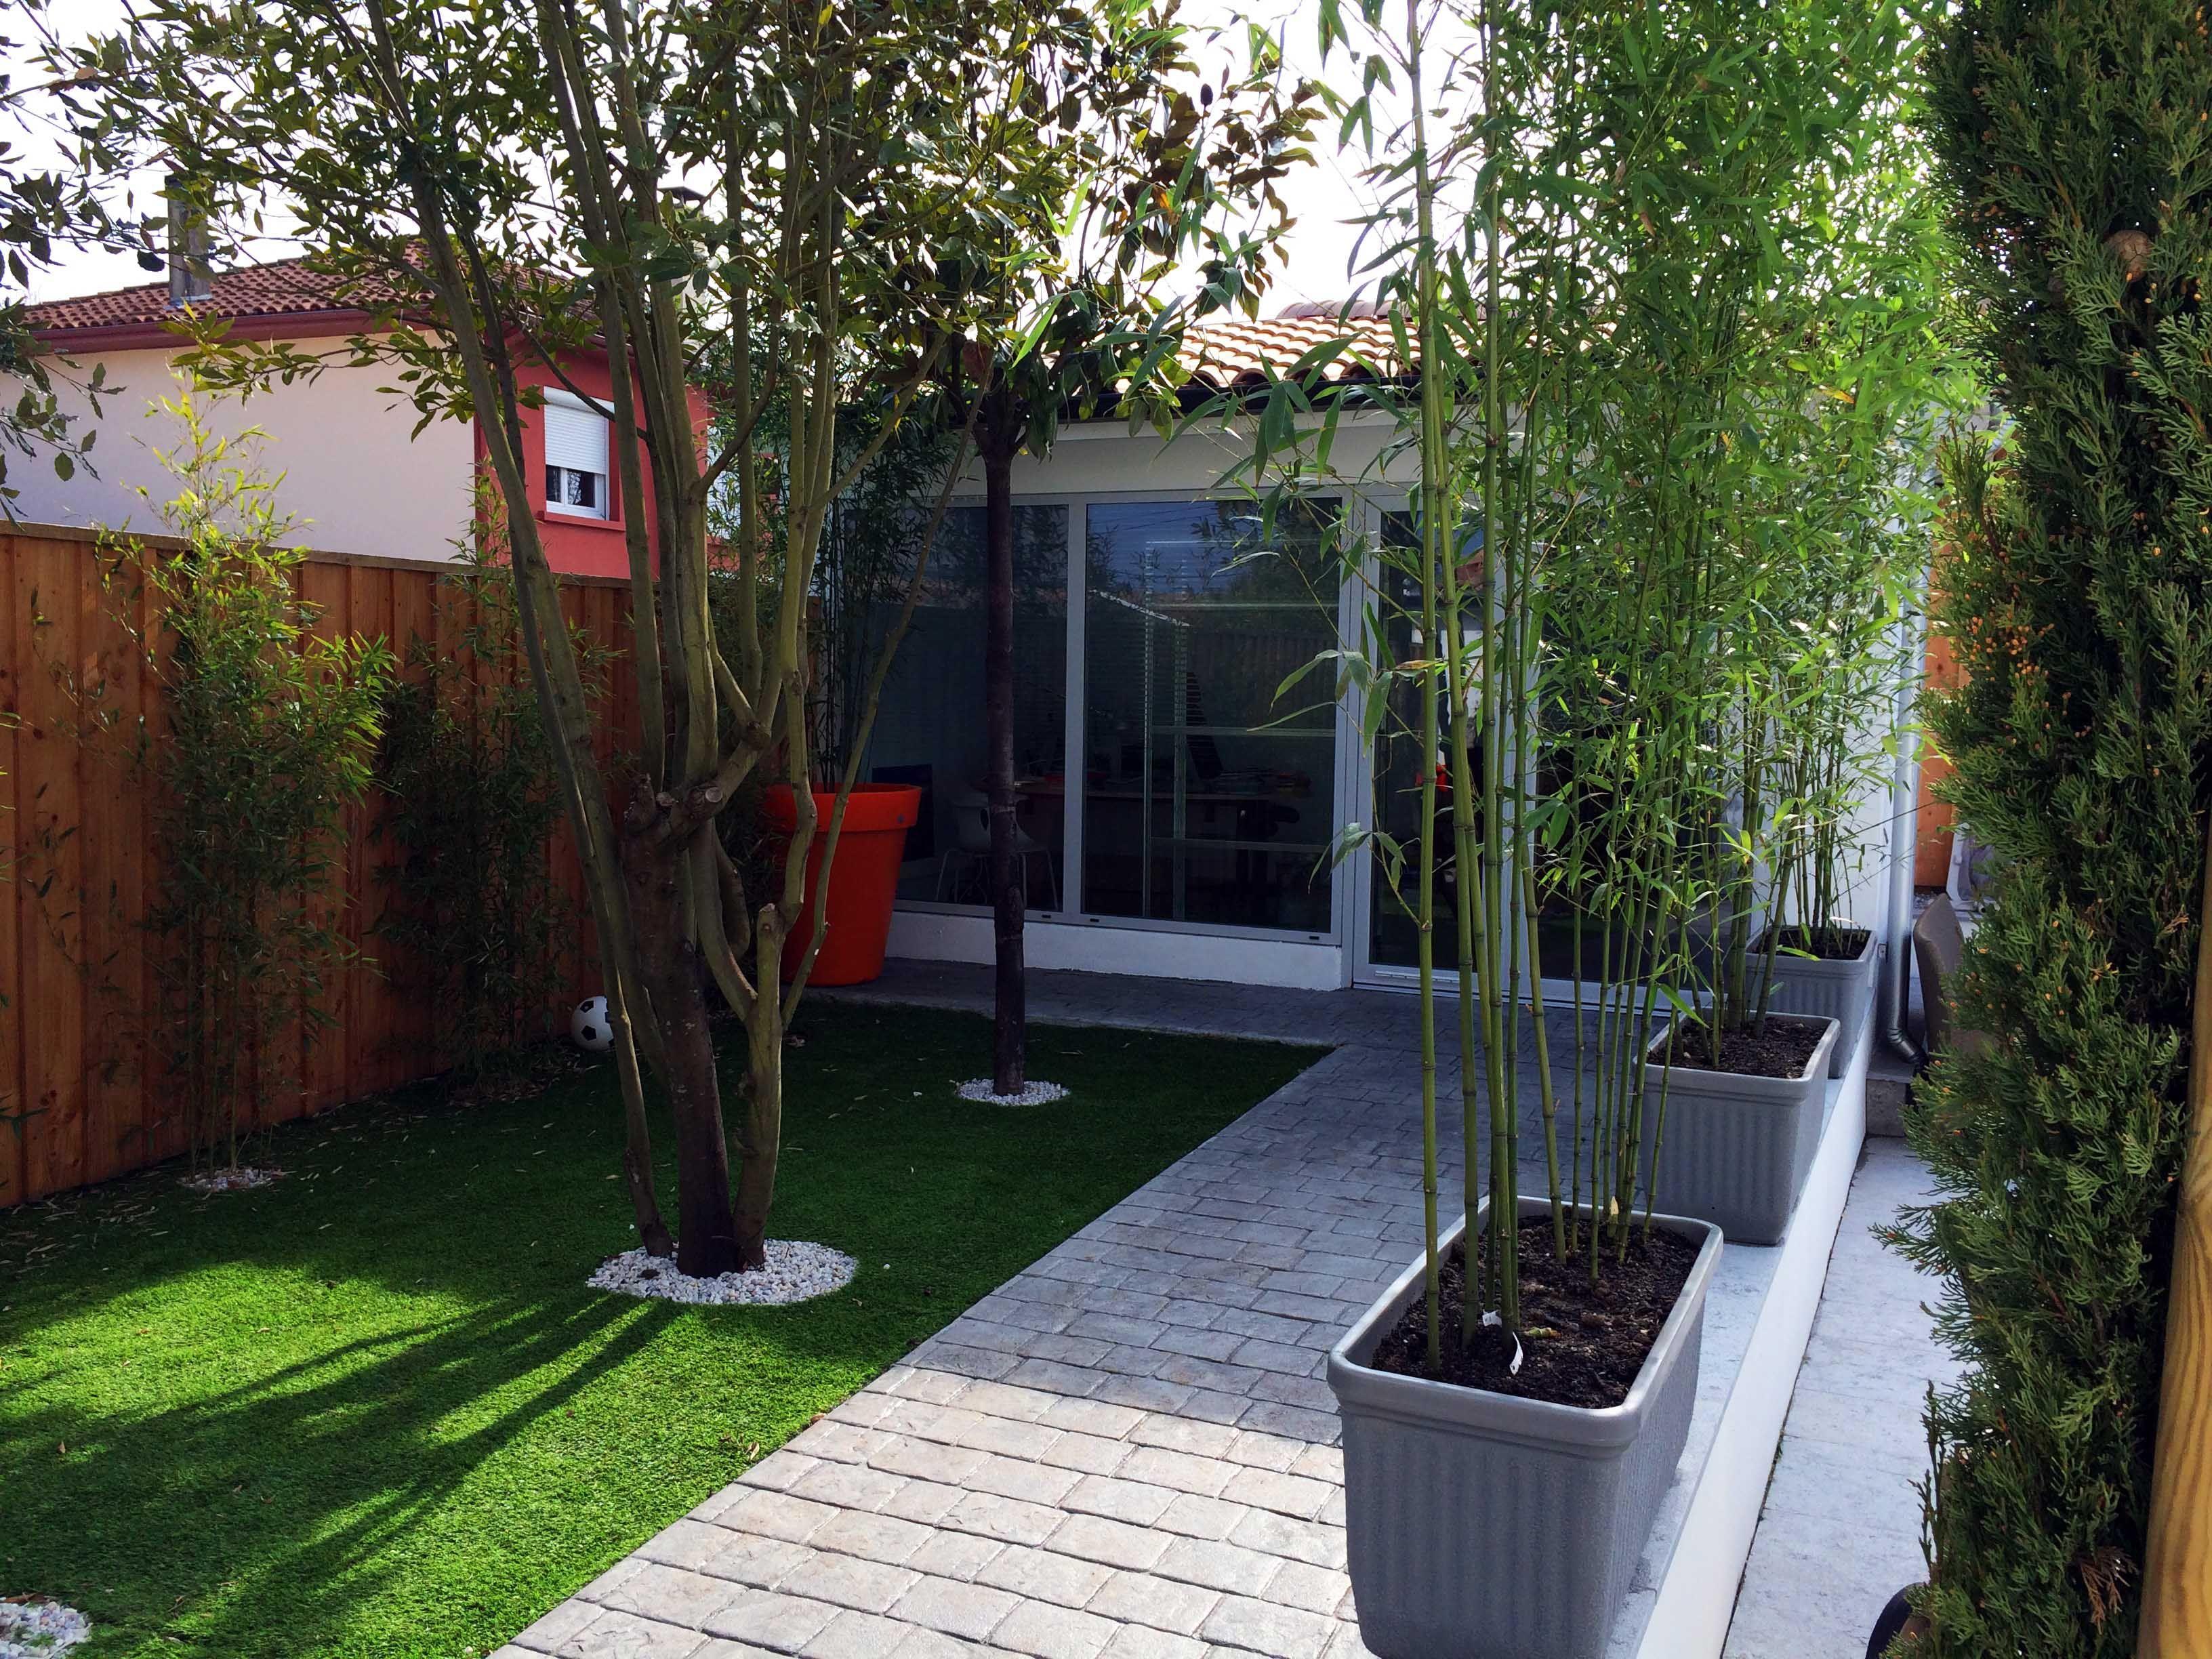 Petit jardin sans entretien avec gazon synth tique et bambous en pots bureau petitjardin - Jardin sans gazon ...